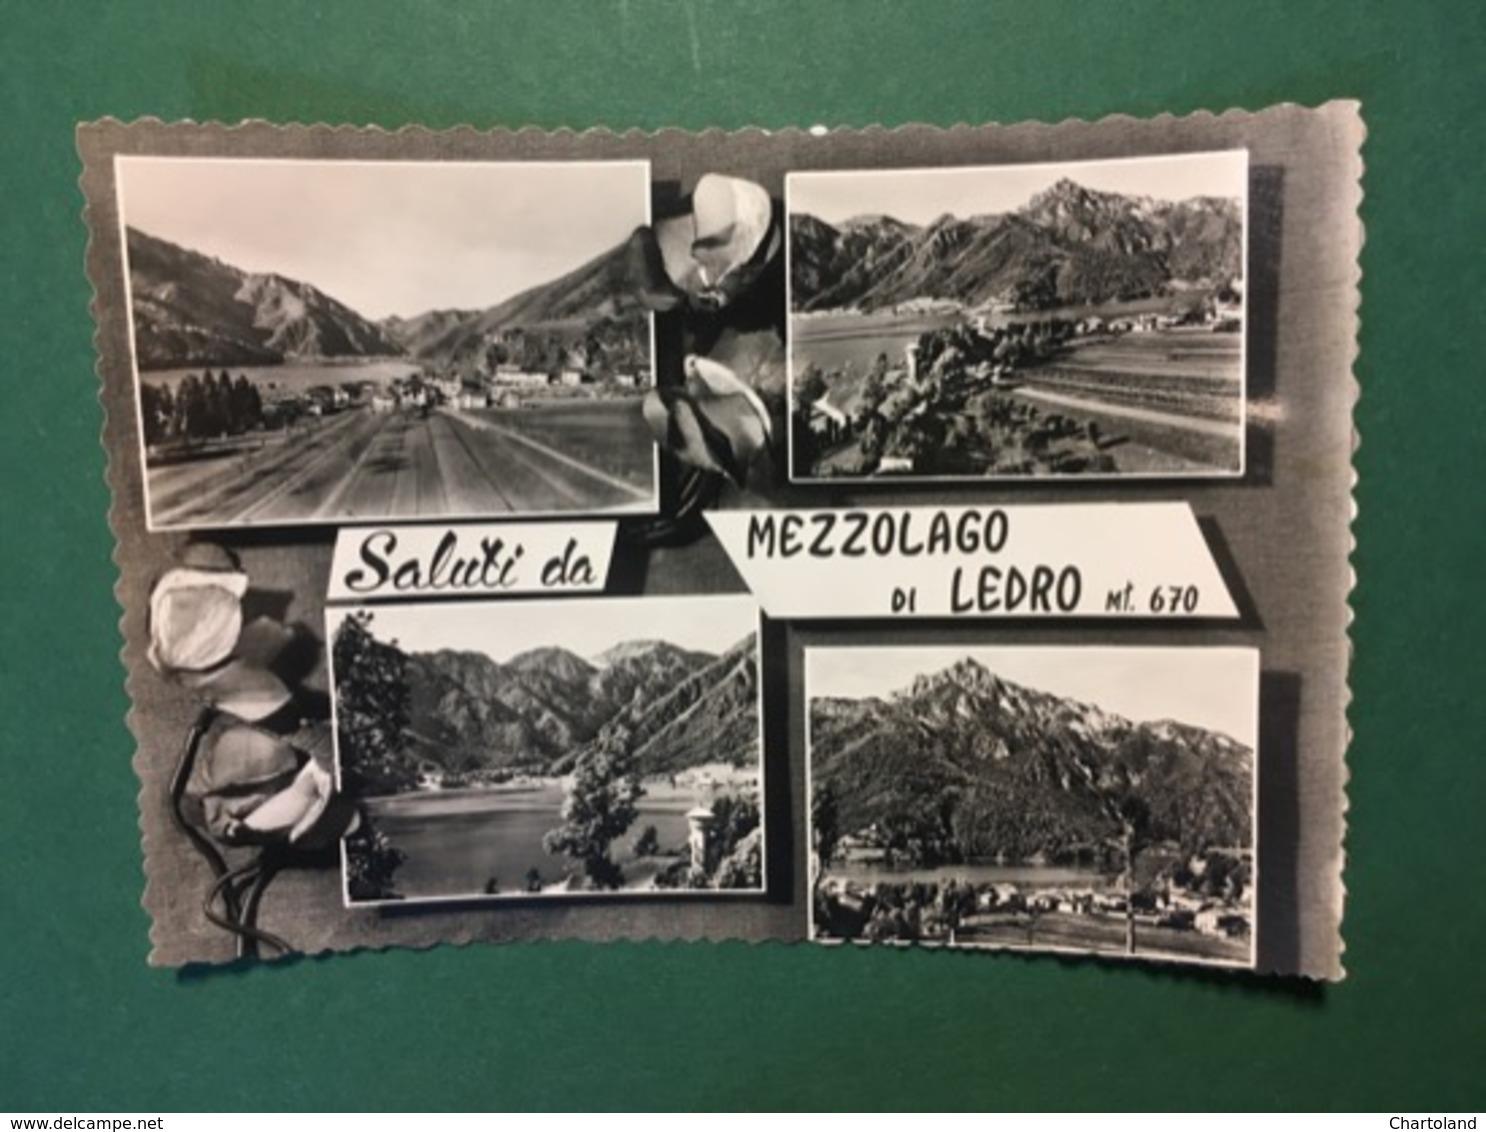 Cartolina Saluti Da Mezzolago Di Ledro - 1960 - Trento